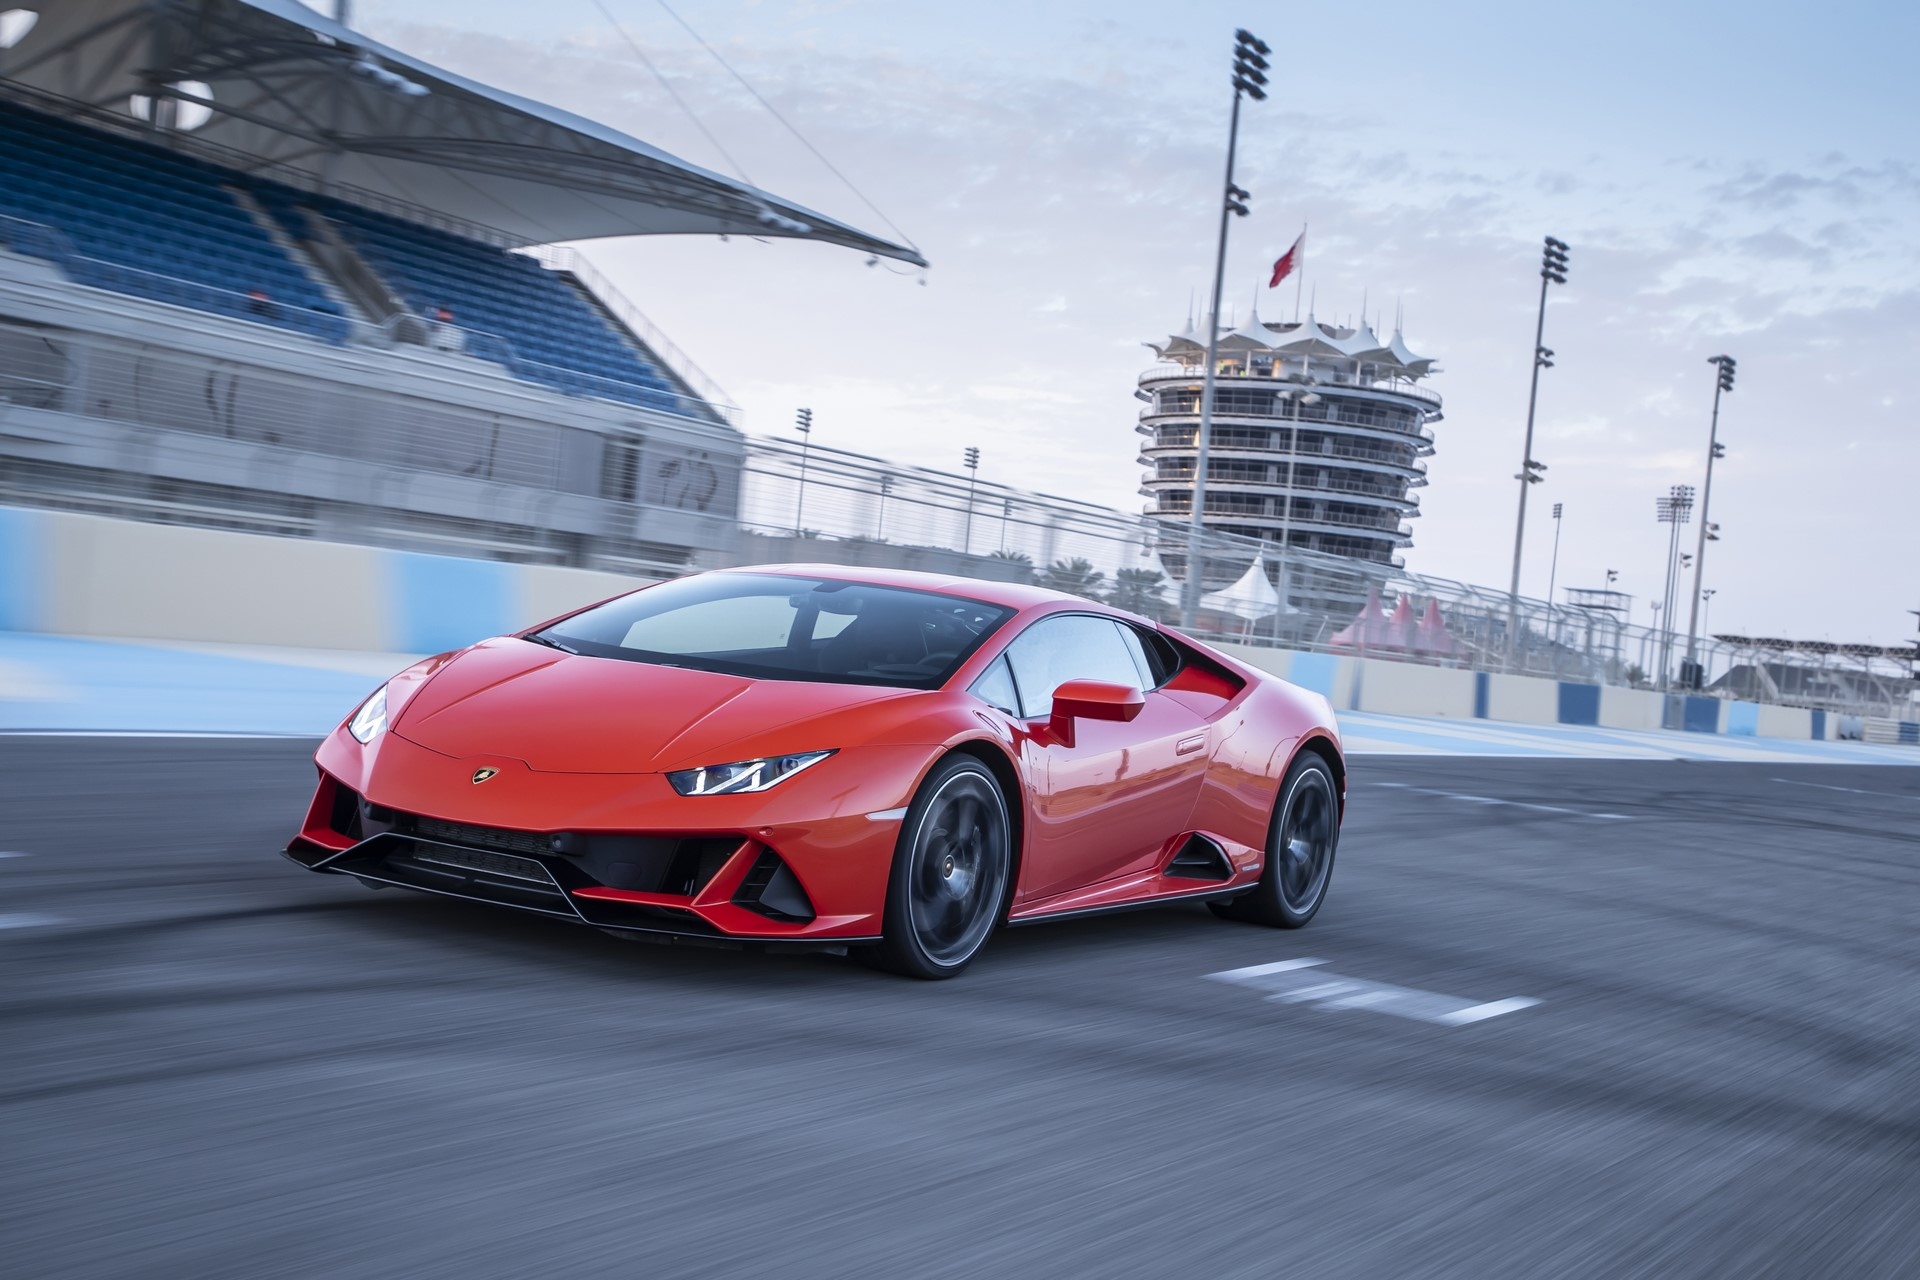 Lamborghini Huracan Evo 2019 (55)